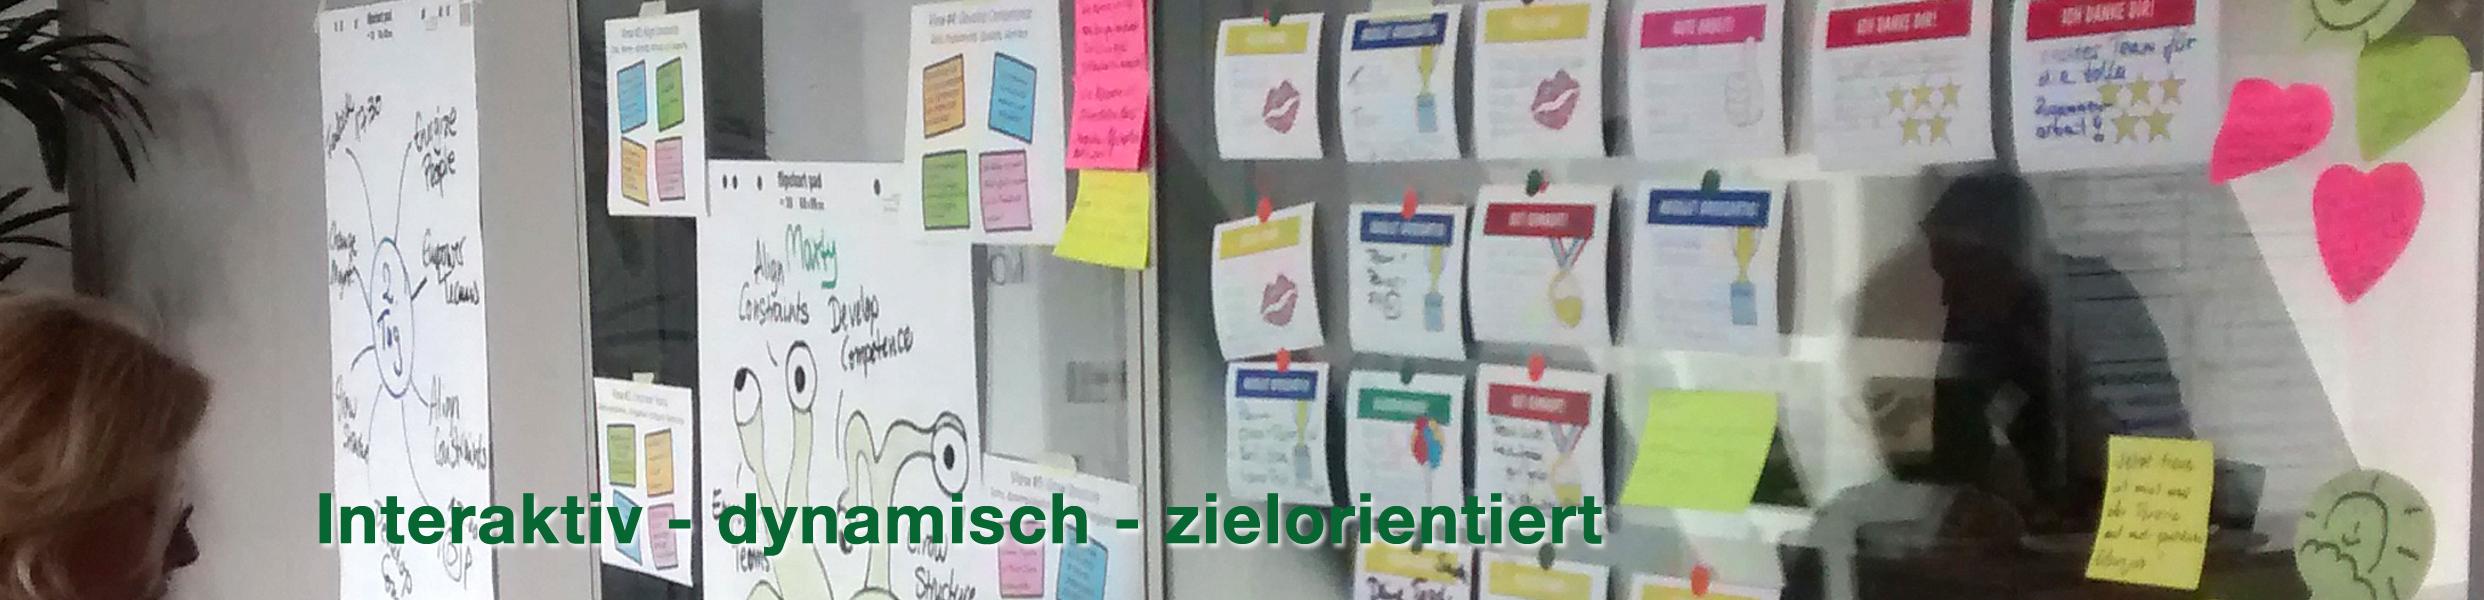 ellen-hermens-seminare-interaktiv-dynamisch-zielorientiert